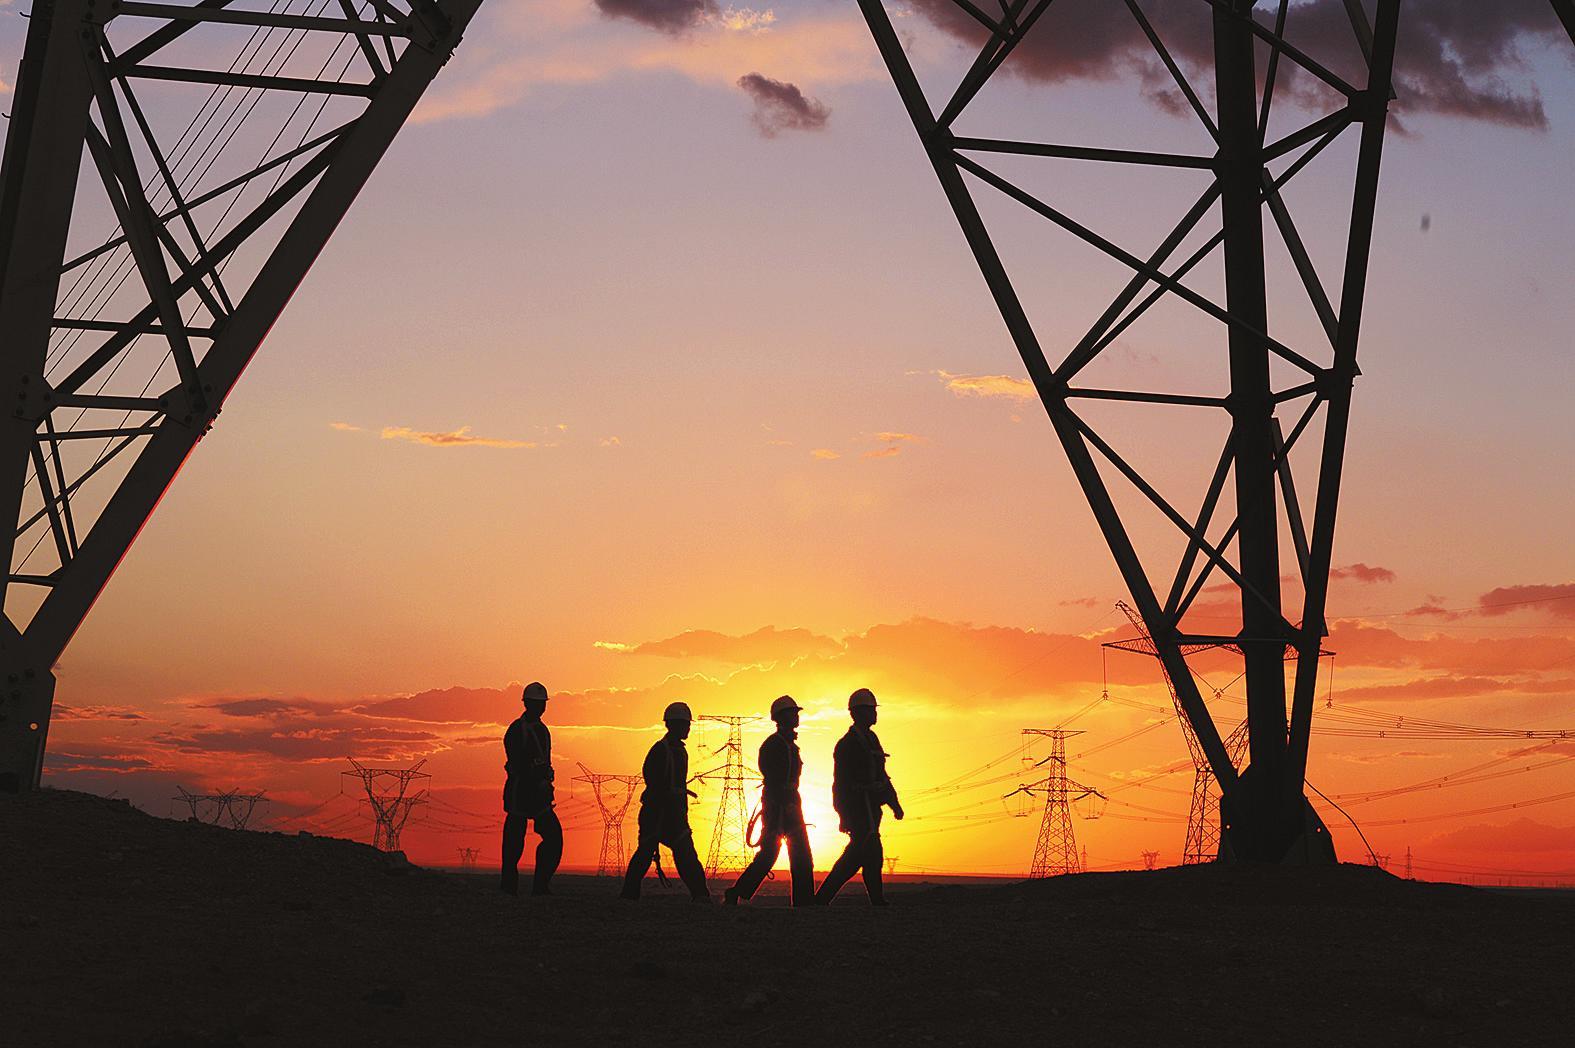 内蒙古、广东、江苏、山东、浙江,中国用电量最高的省份是哪几个?